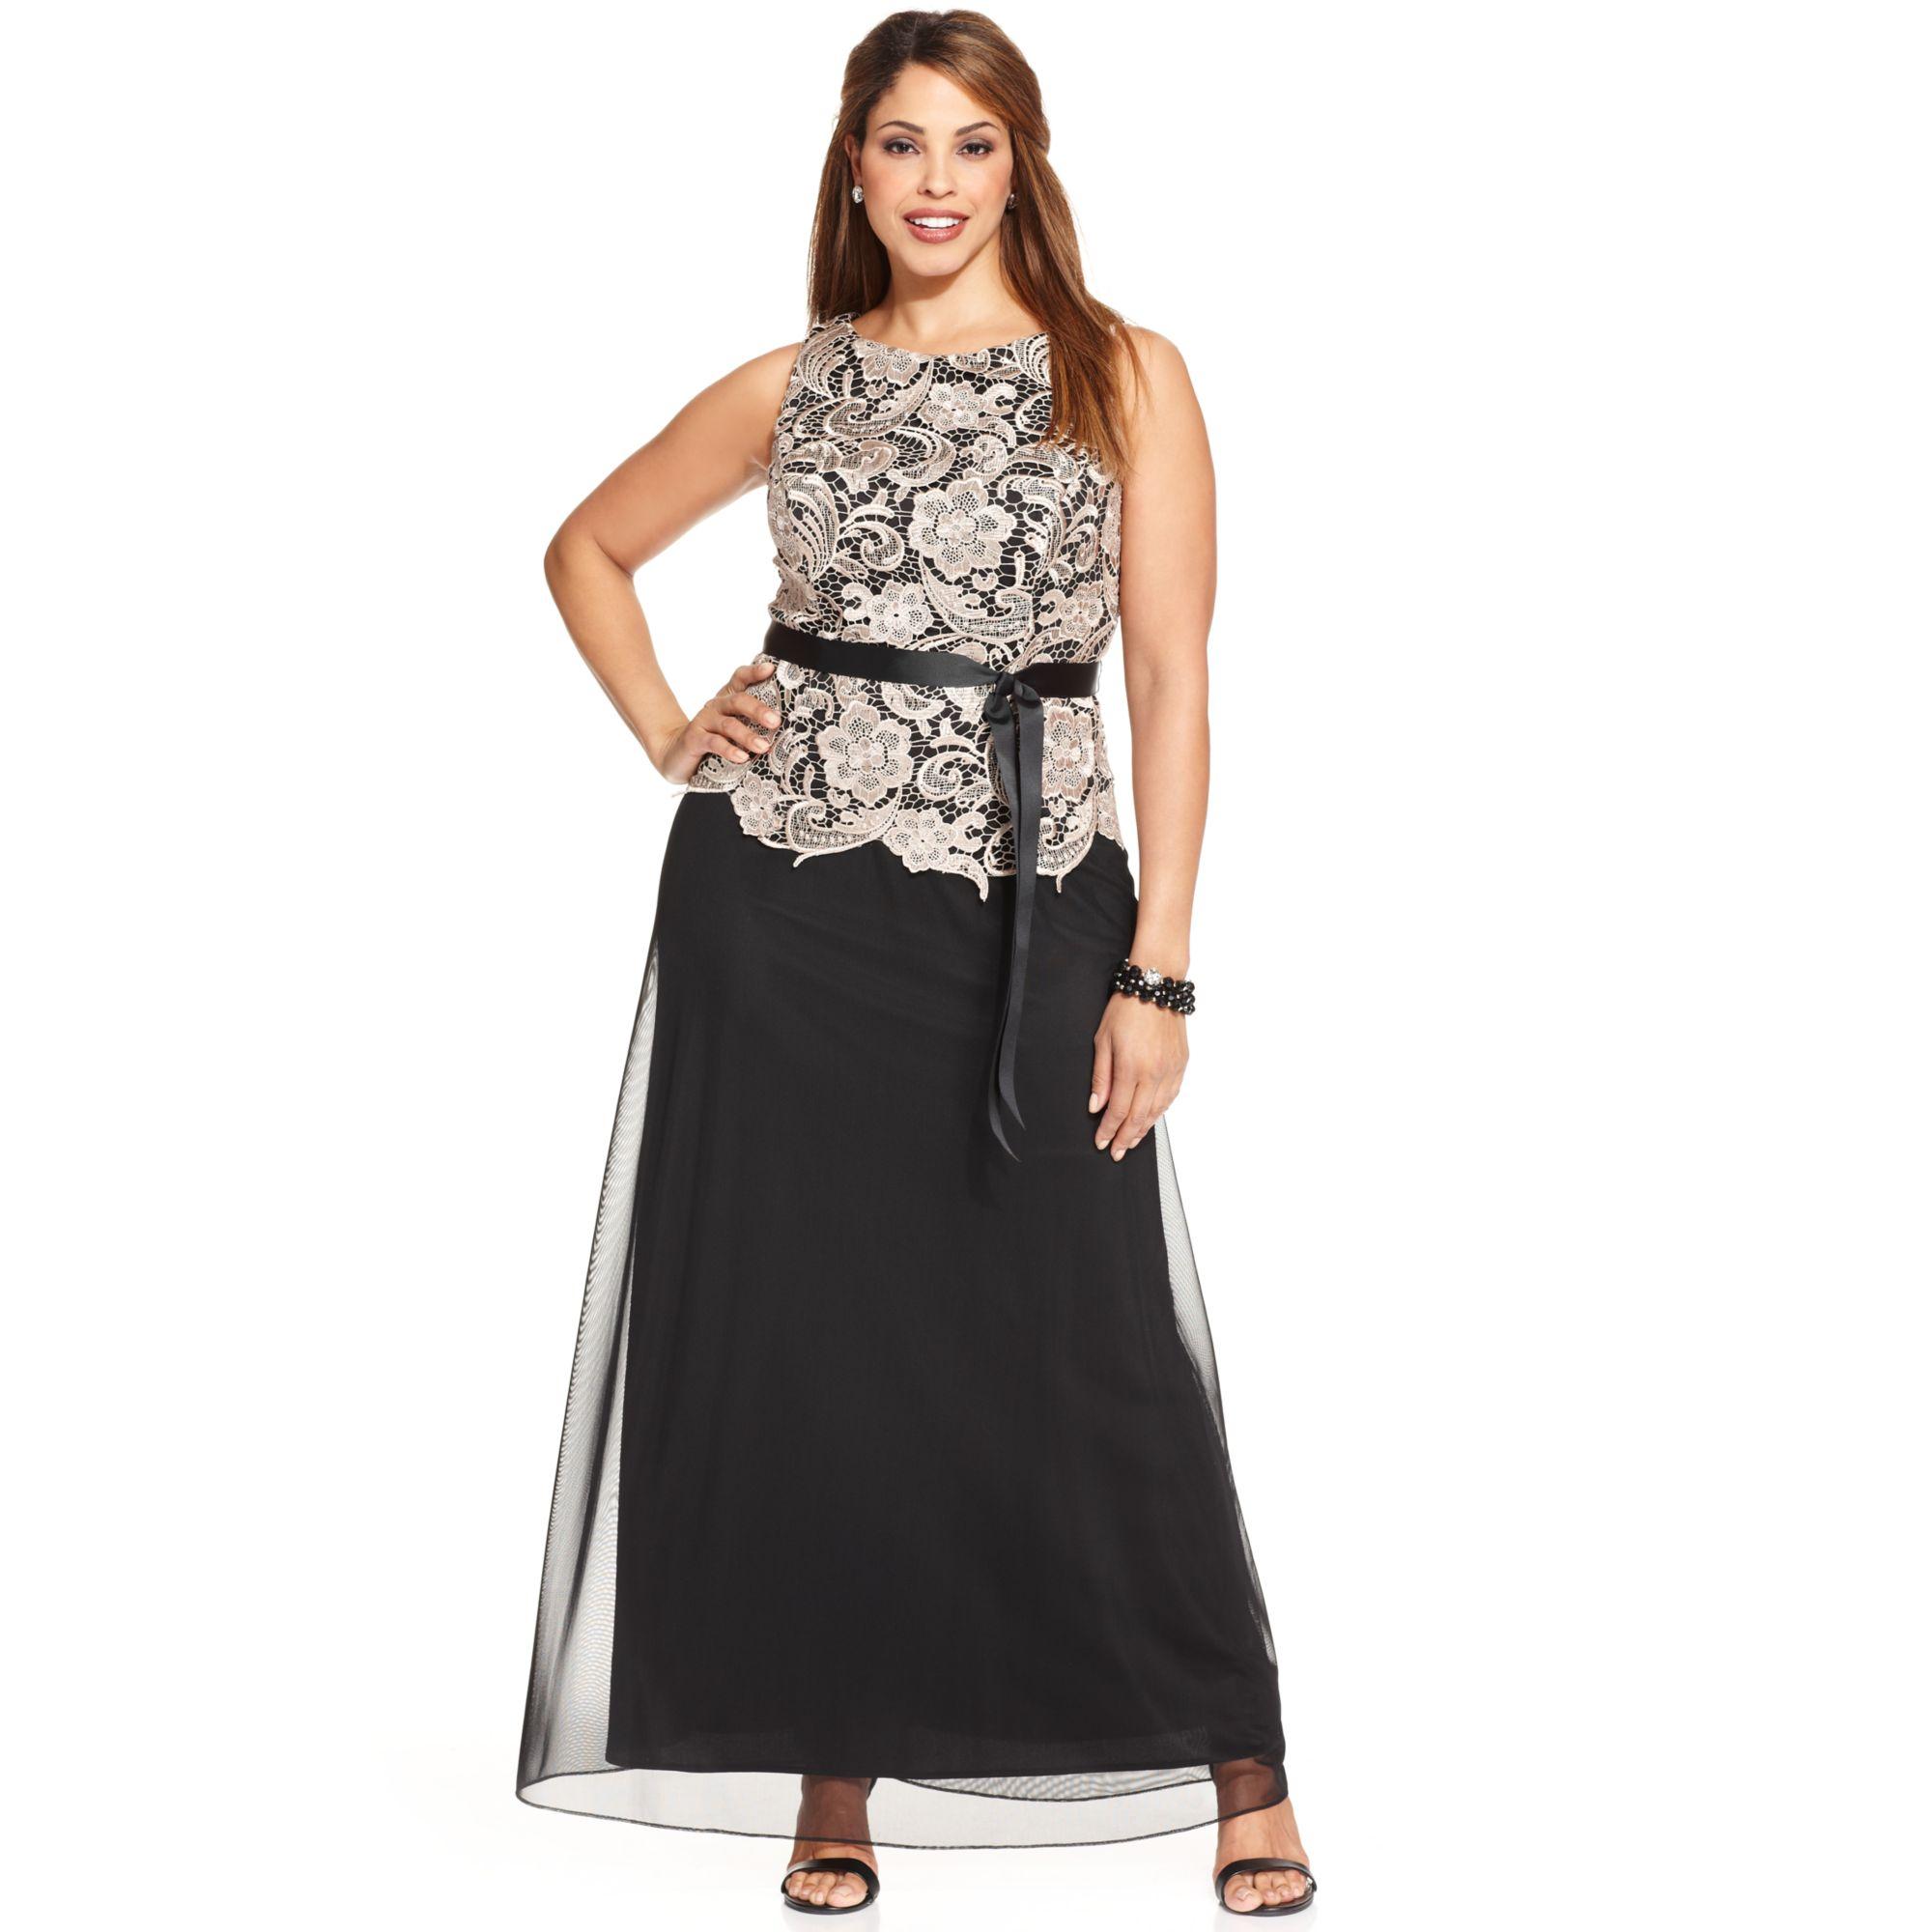 alex evenings plus size dress choice image - dresses design ideas